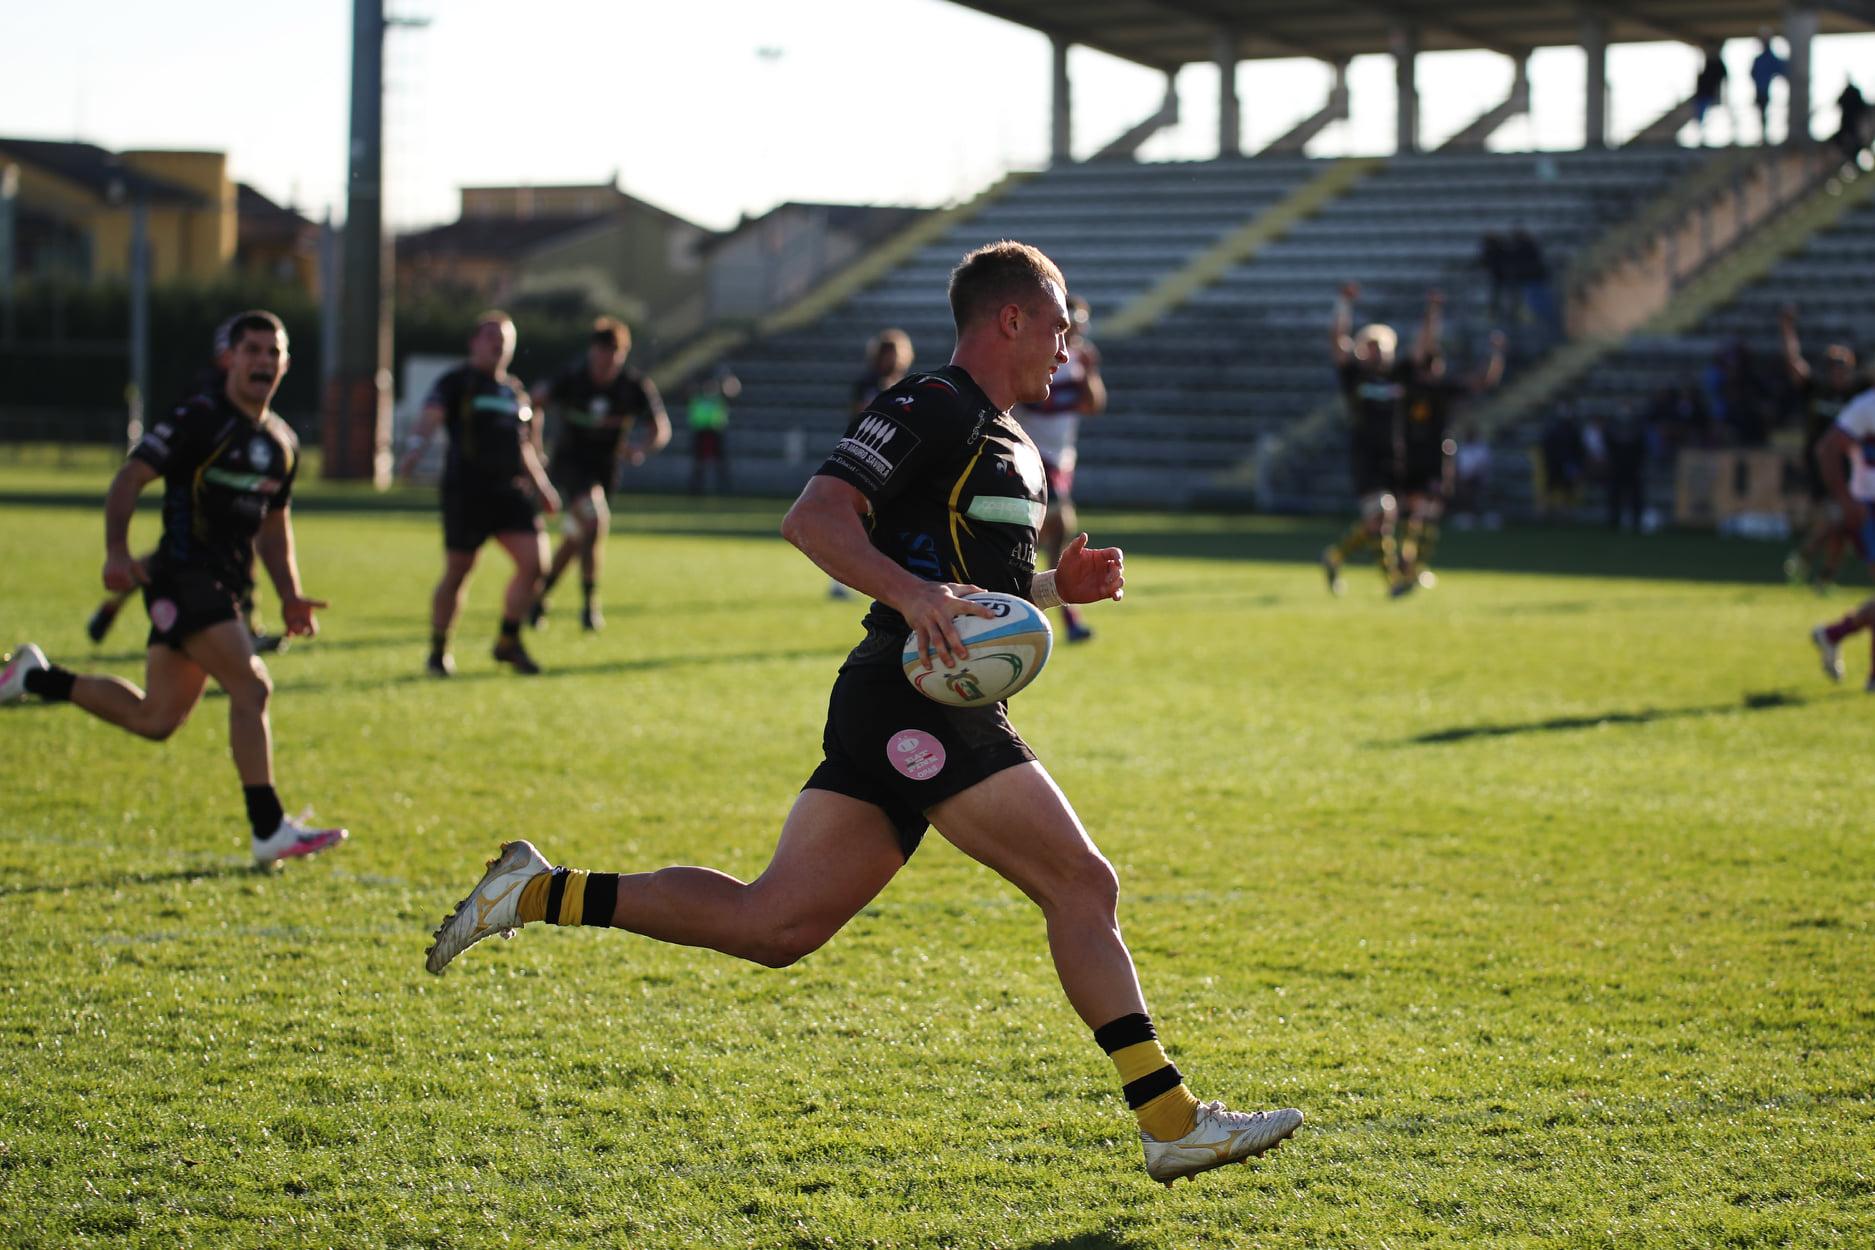 Importanti novità sulle condizioni di Ramiro Finco- ph. Viadana Rugby